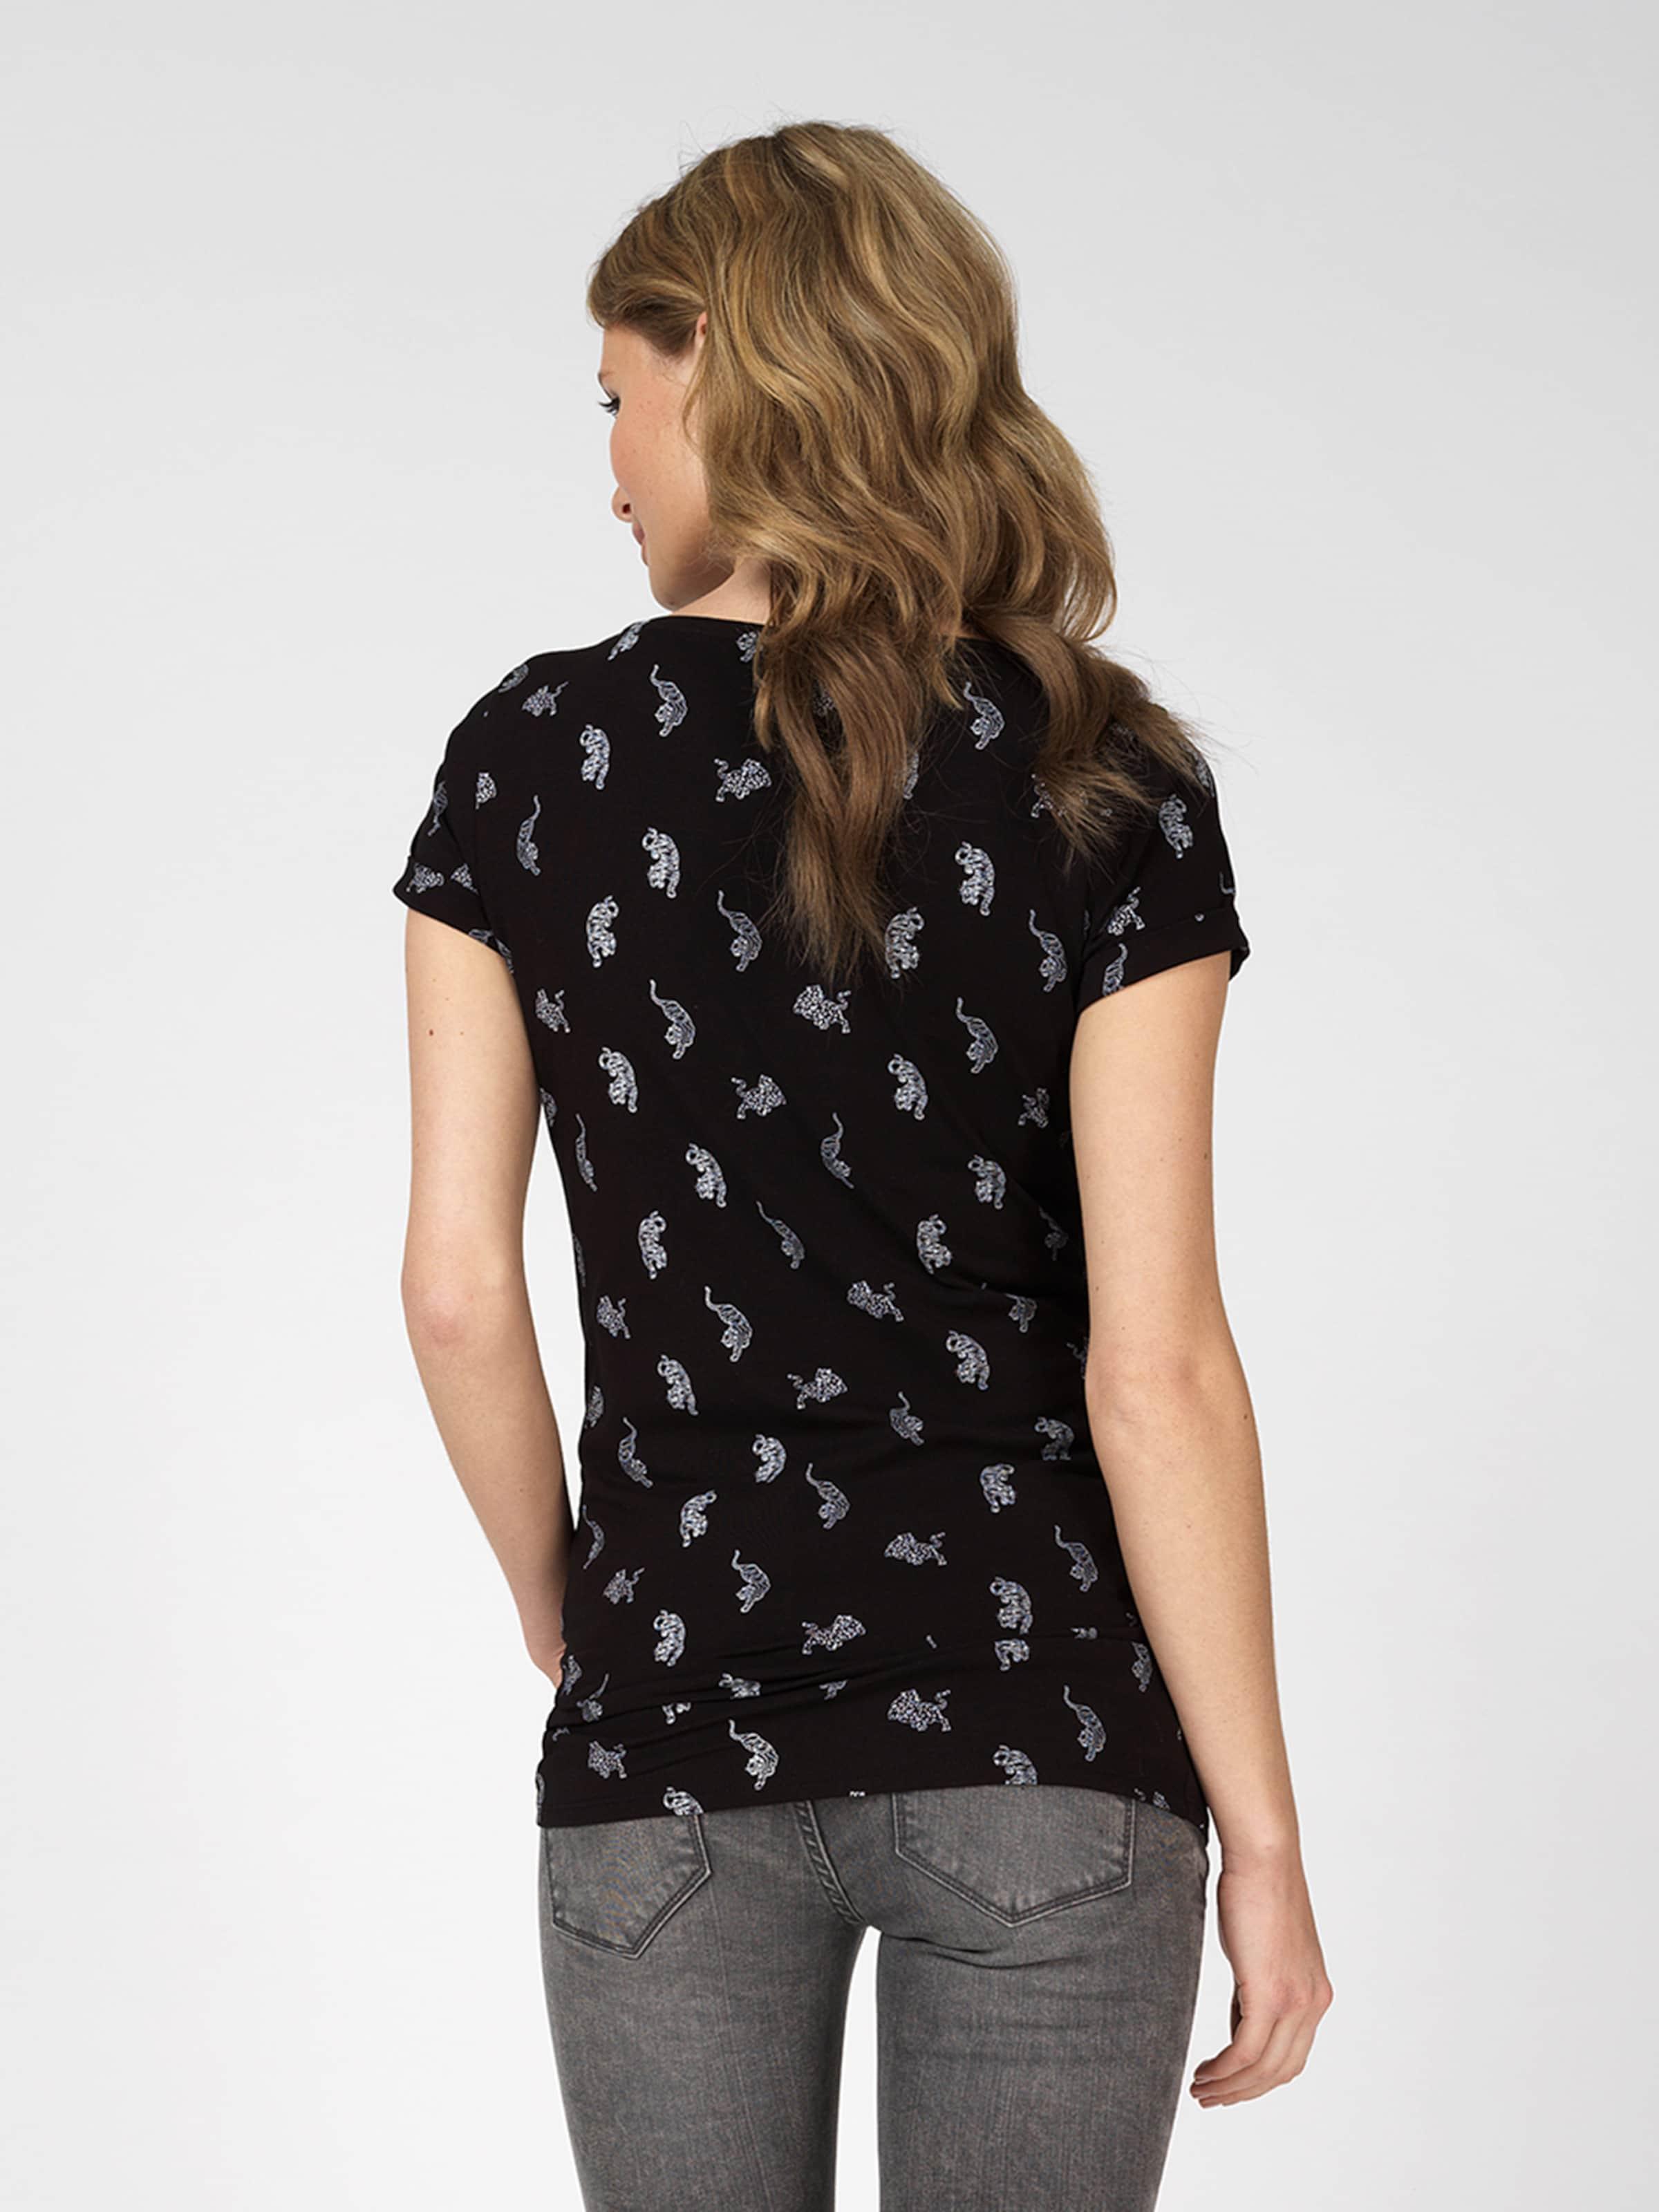 ' shirt T Tiger Supermom In Aop Schwarz dxoCBe